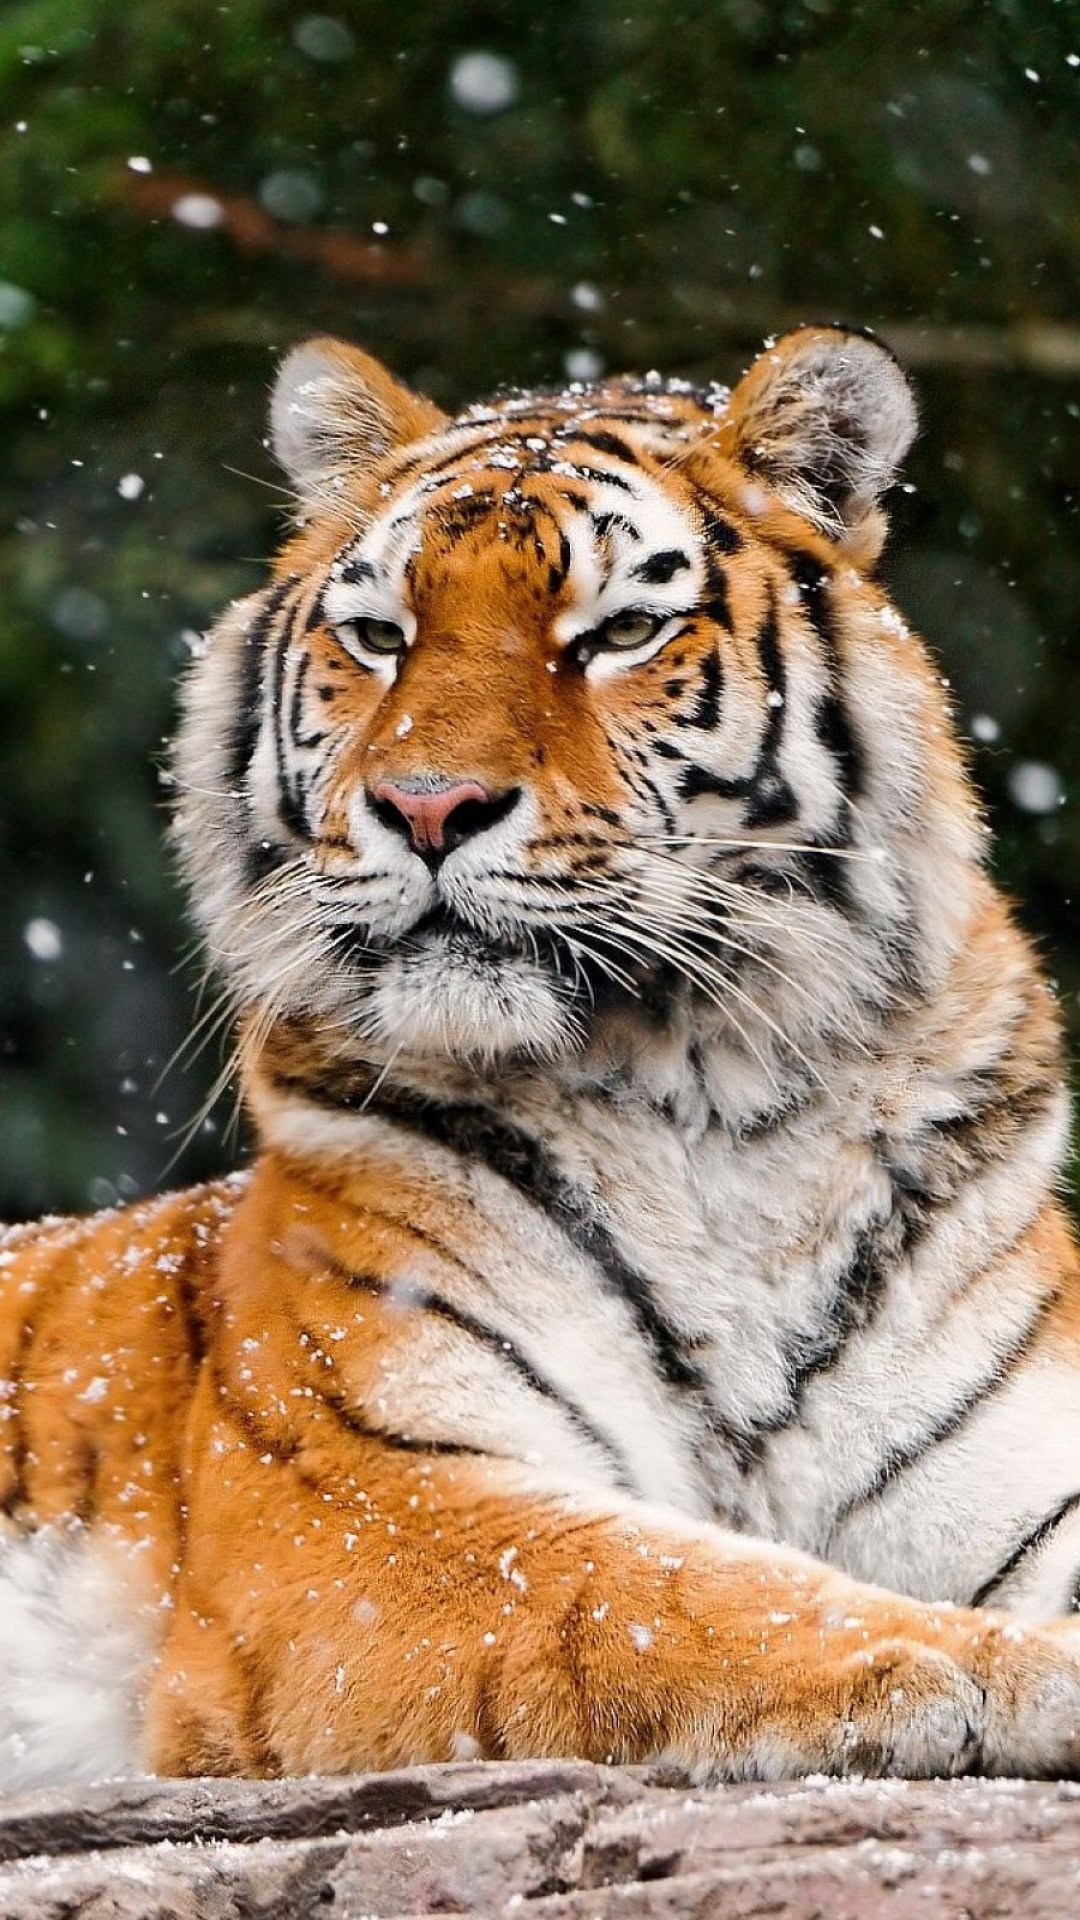 смесовое термобелье картинки для телефона тигры Thermo-Soft рассчитано для